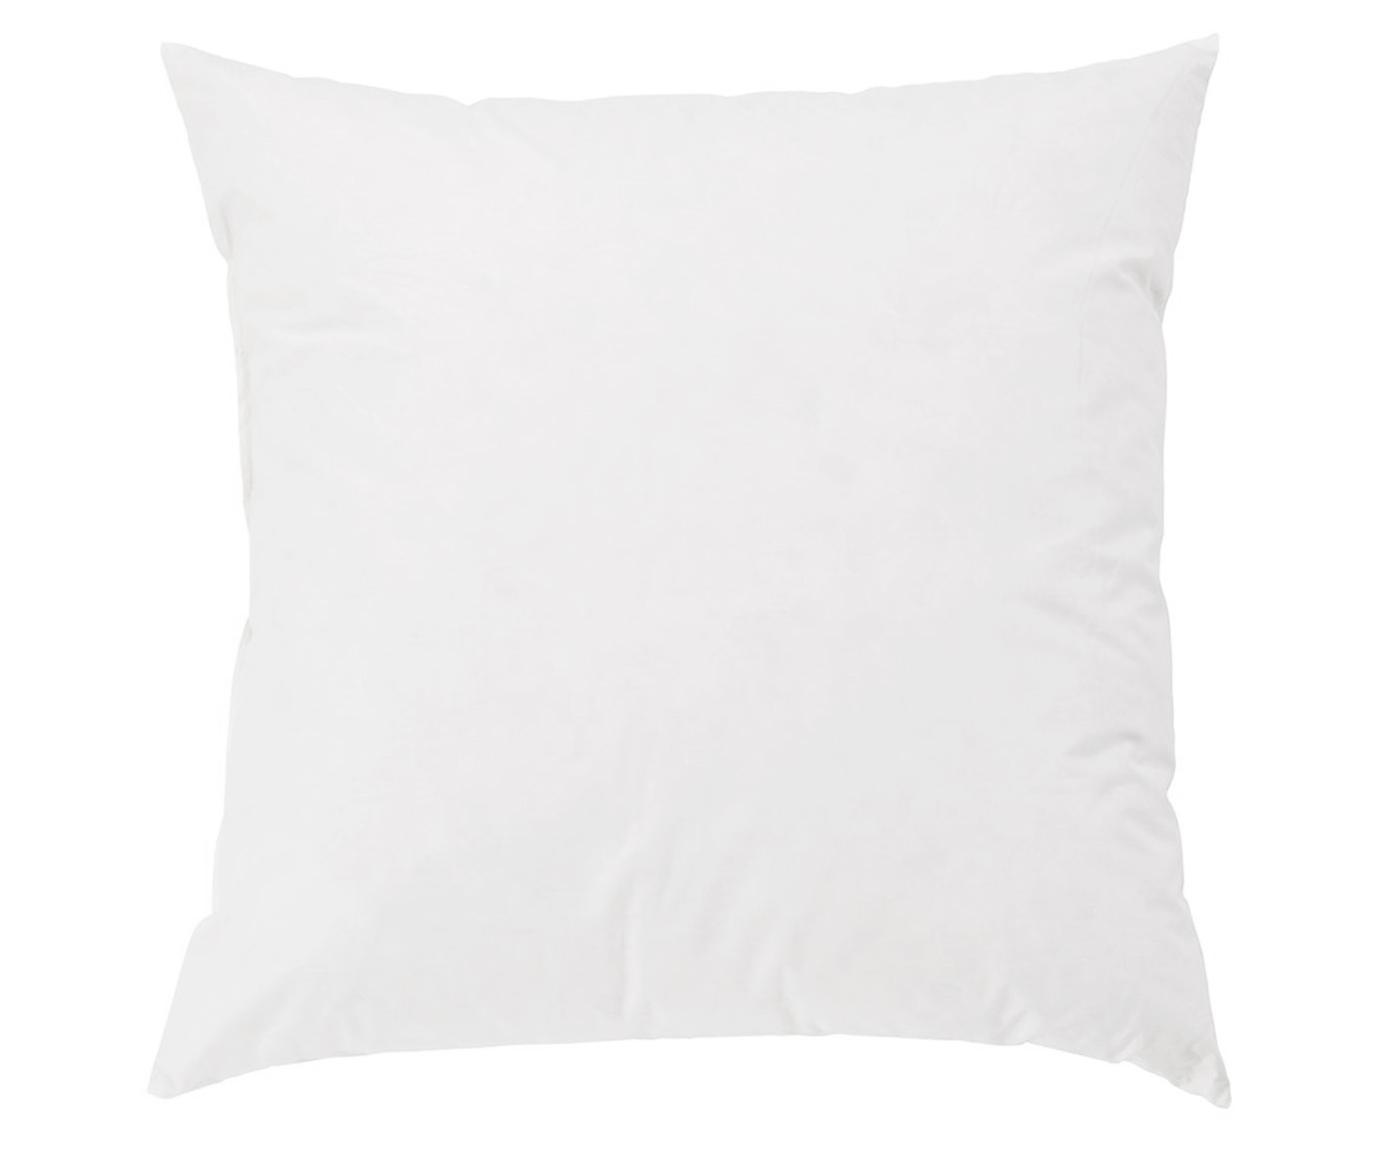 Wypełnienie poduszki dekoracyjnej Komfort, 45 x 45, Biały, S 45 x D 45 cm